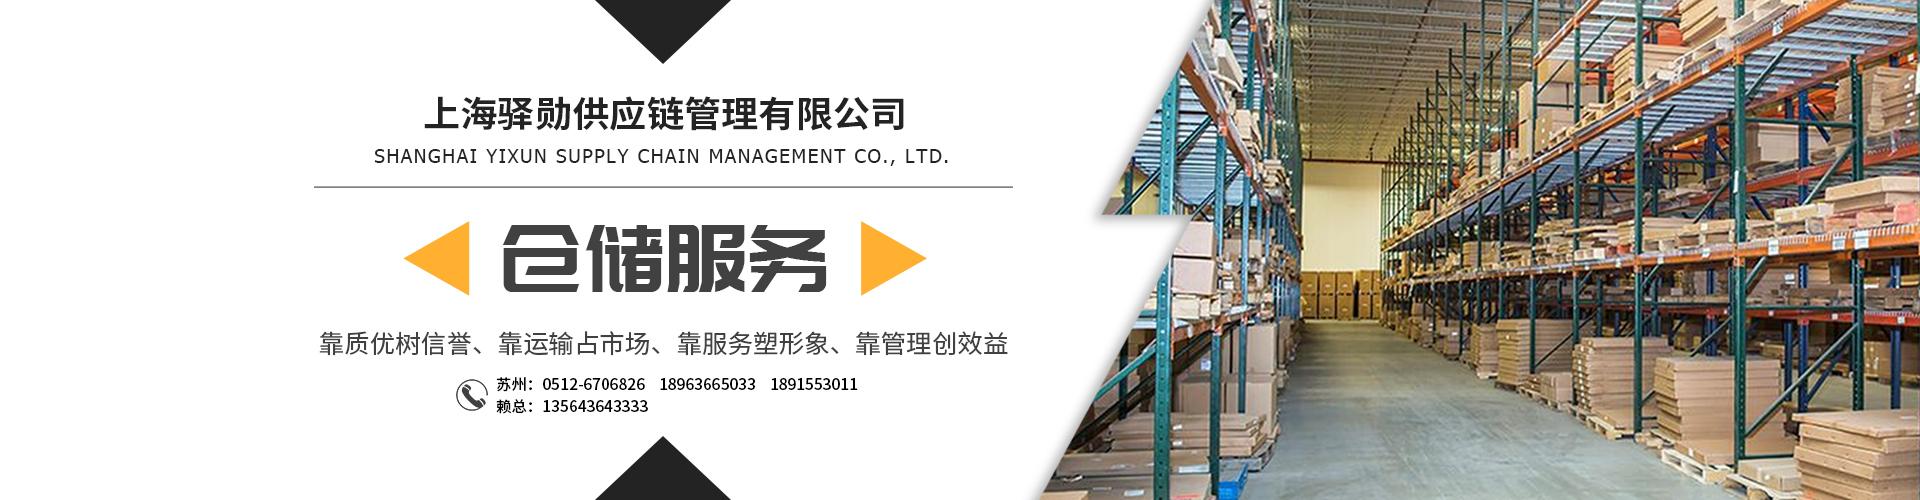 上海驿勋供应链管理有限公司